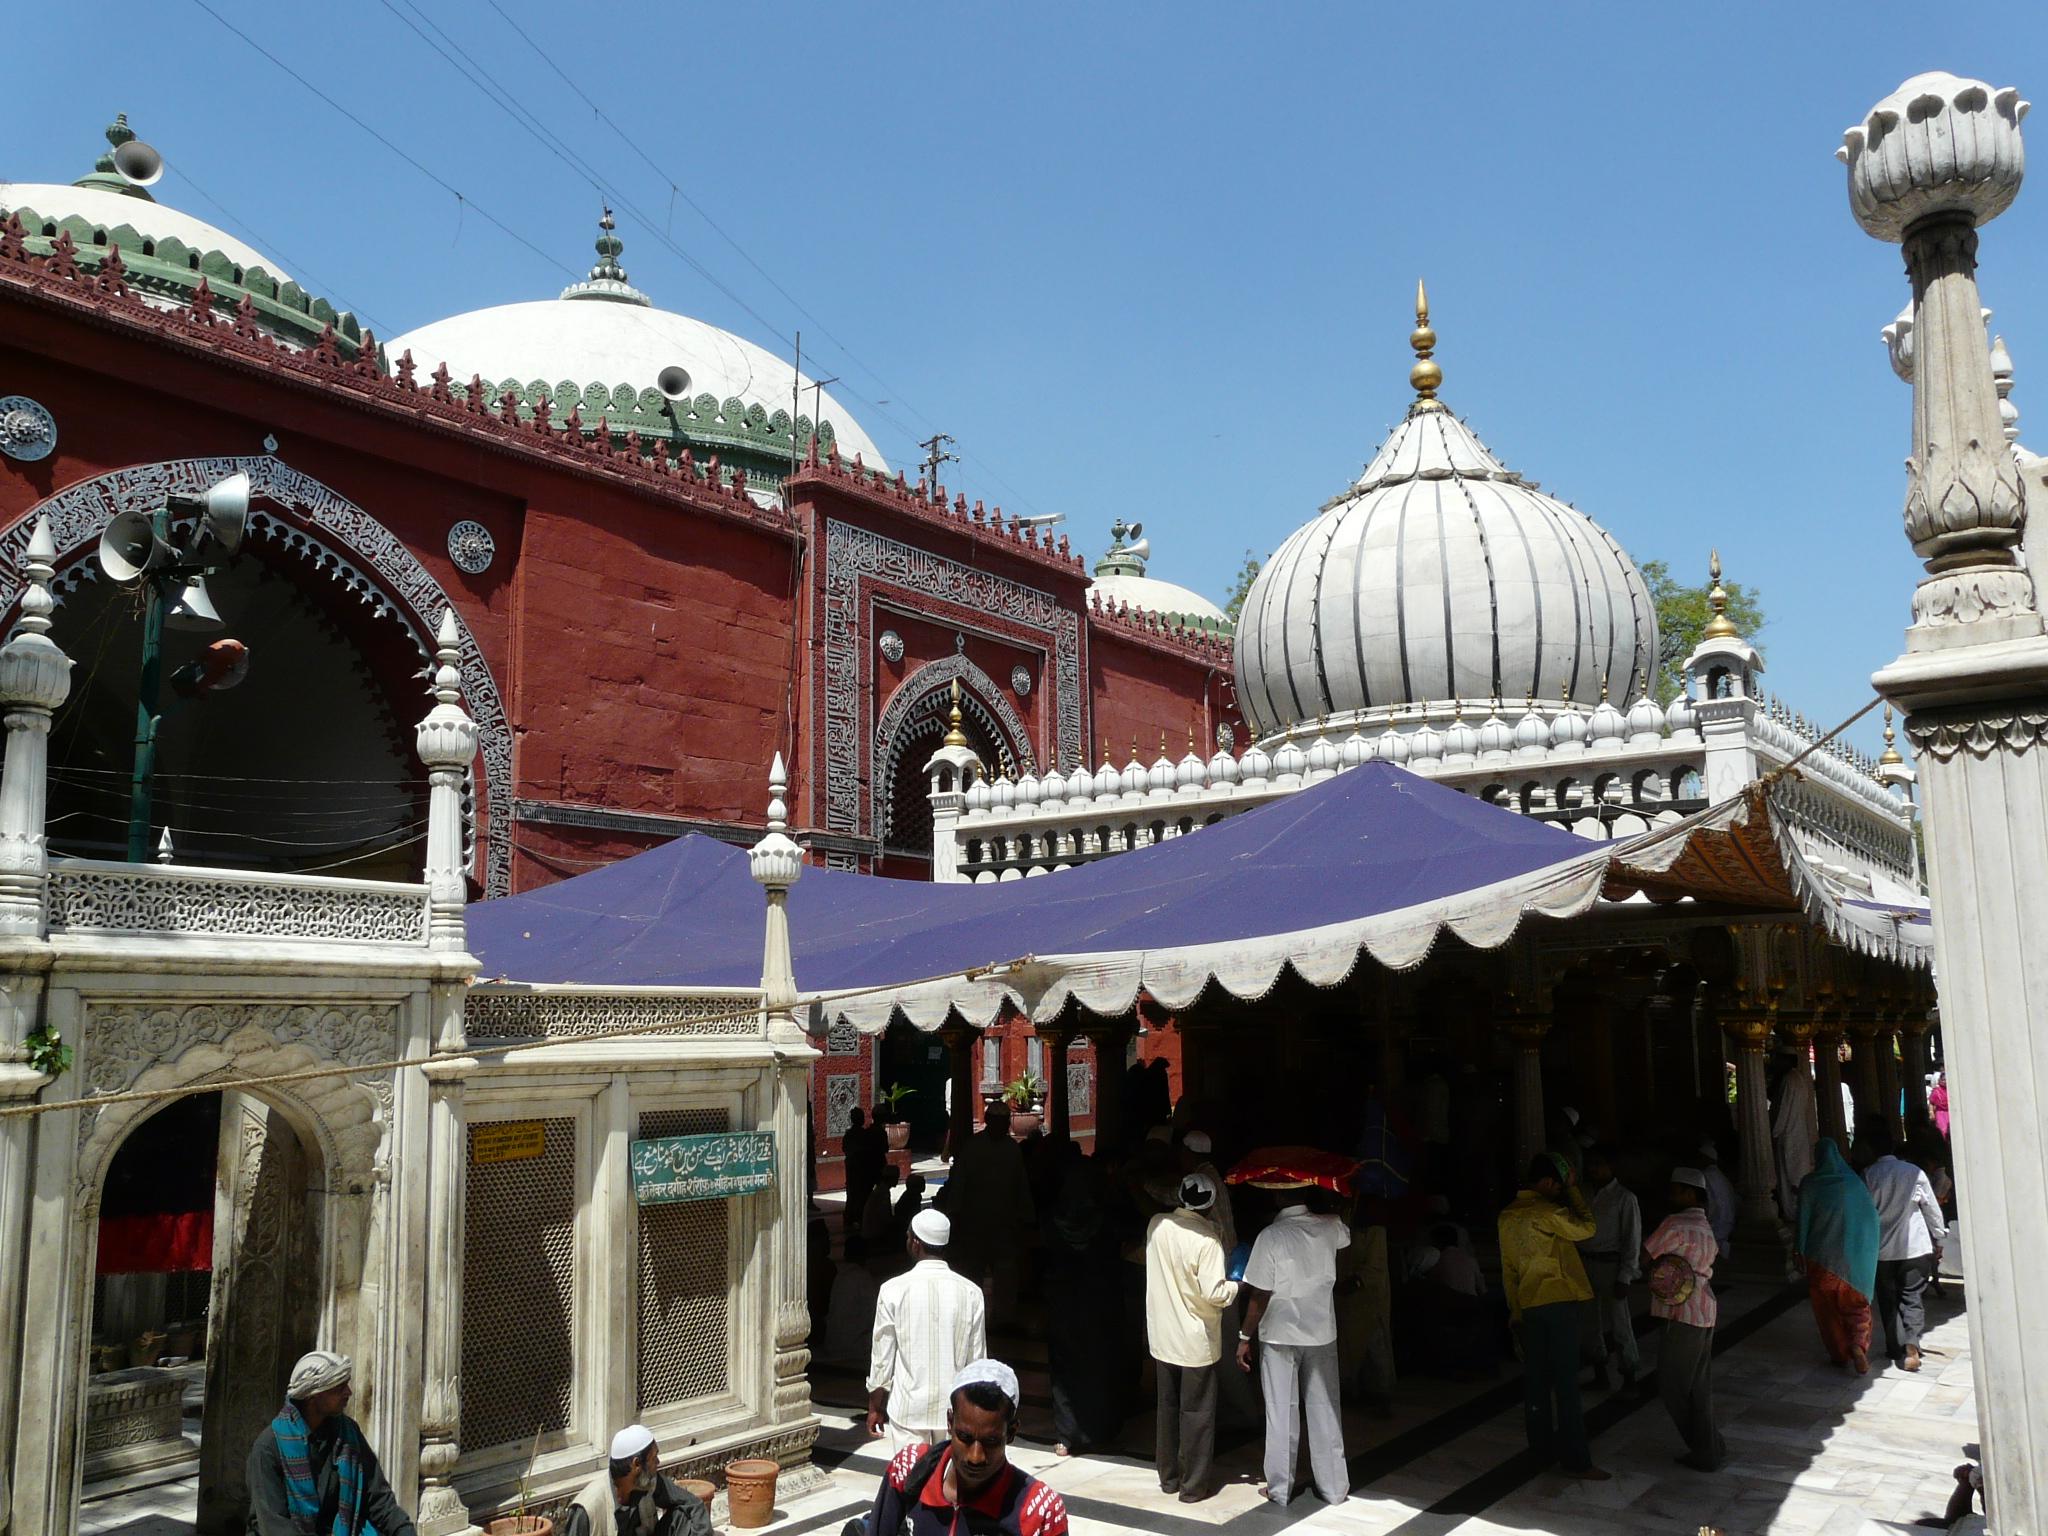 Nizamuddin_Dargah_and_Jamaat_Khana_Masjid,_Delhi.jpg